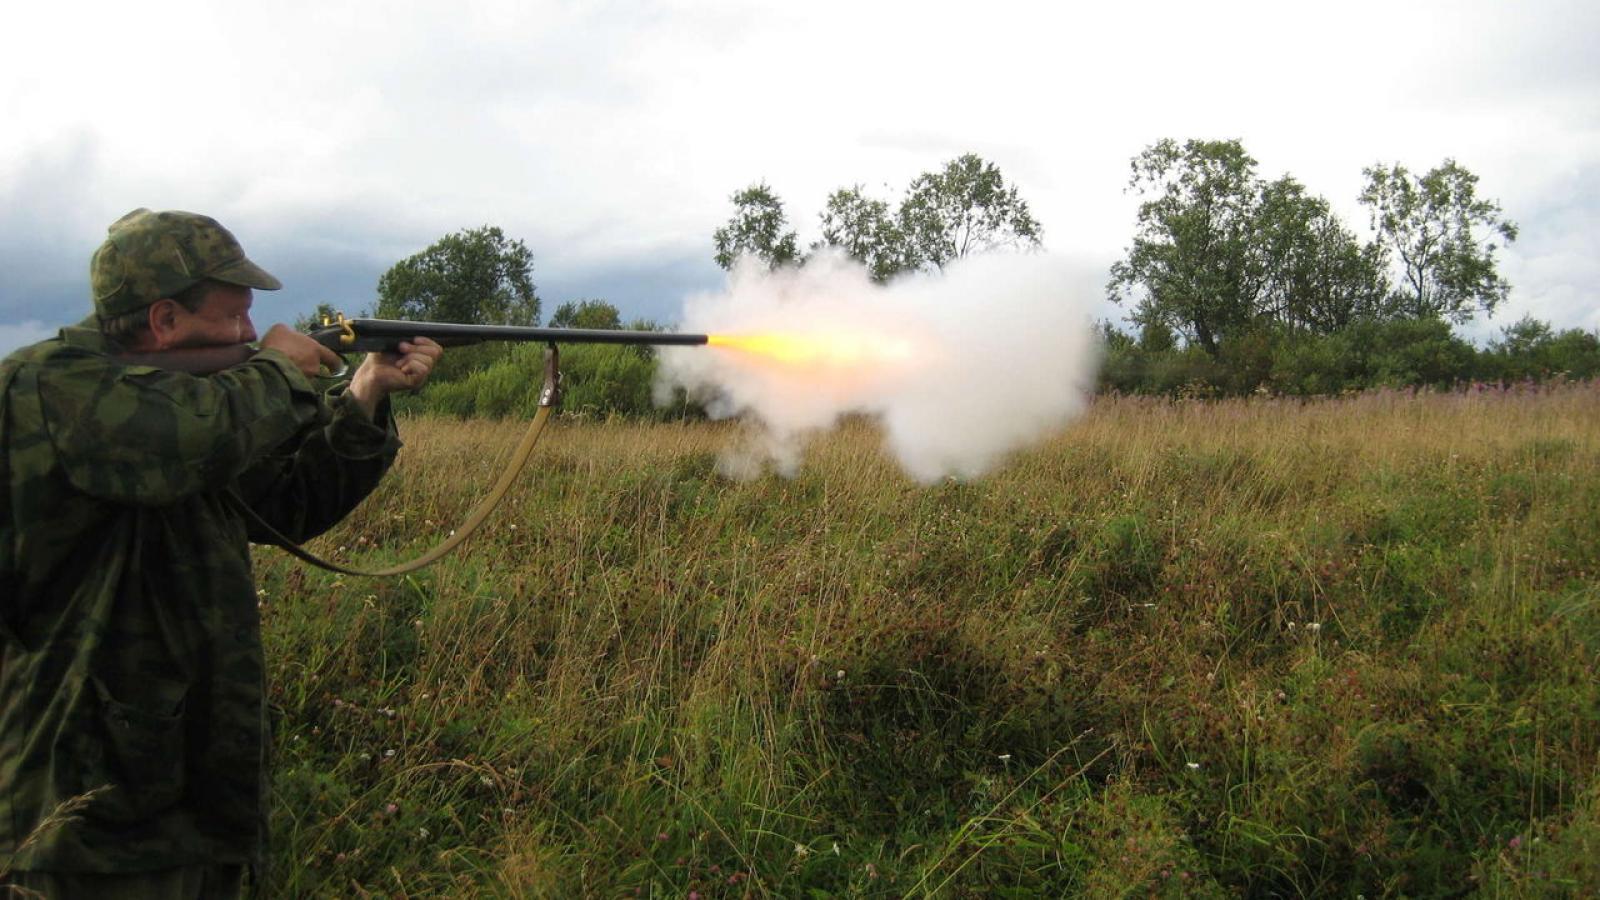 Охотник случайно застрелил незнакомца